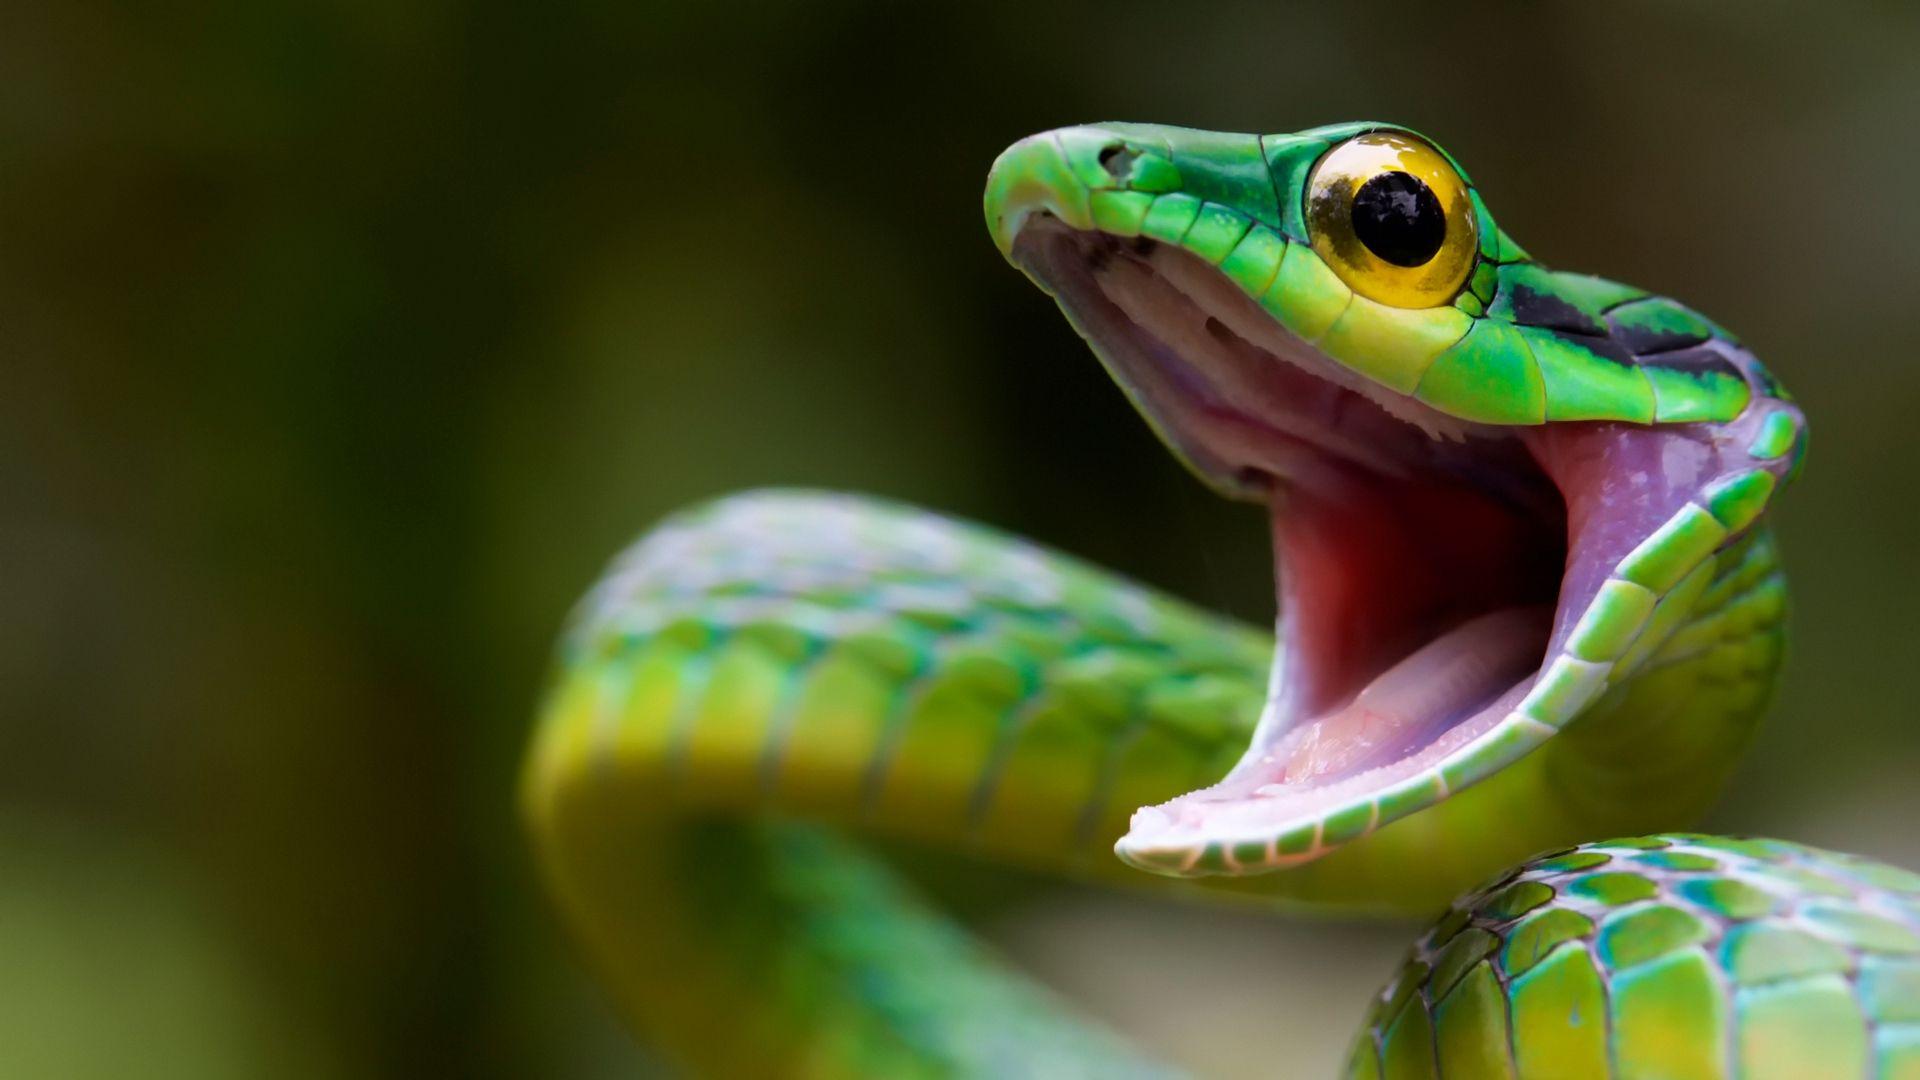 The Wallpaper Of Snake